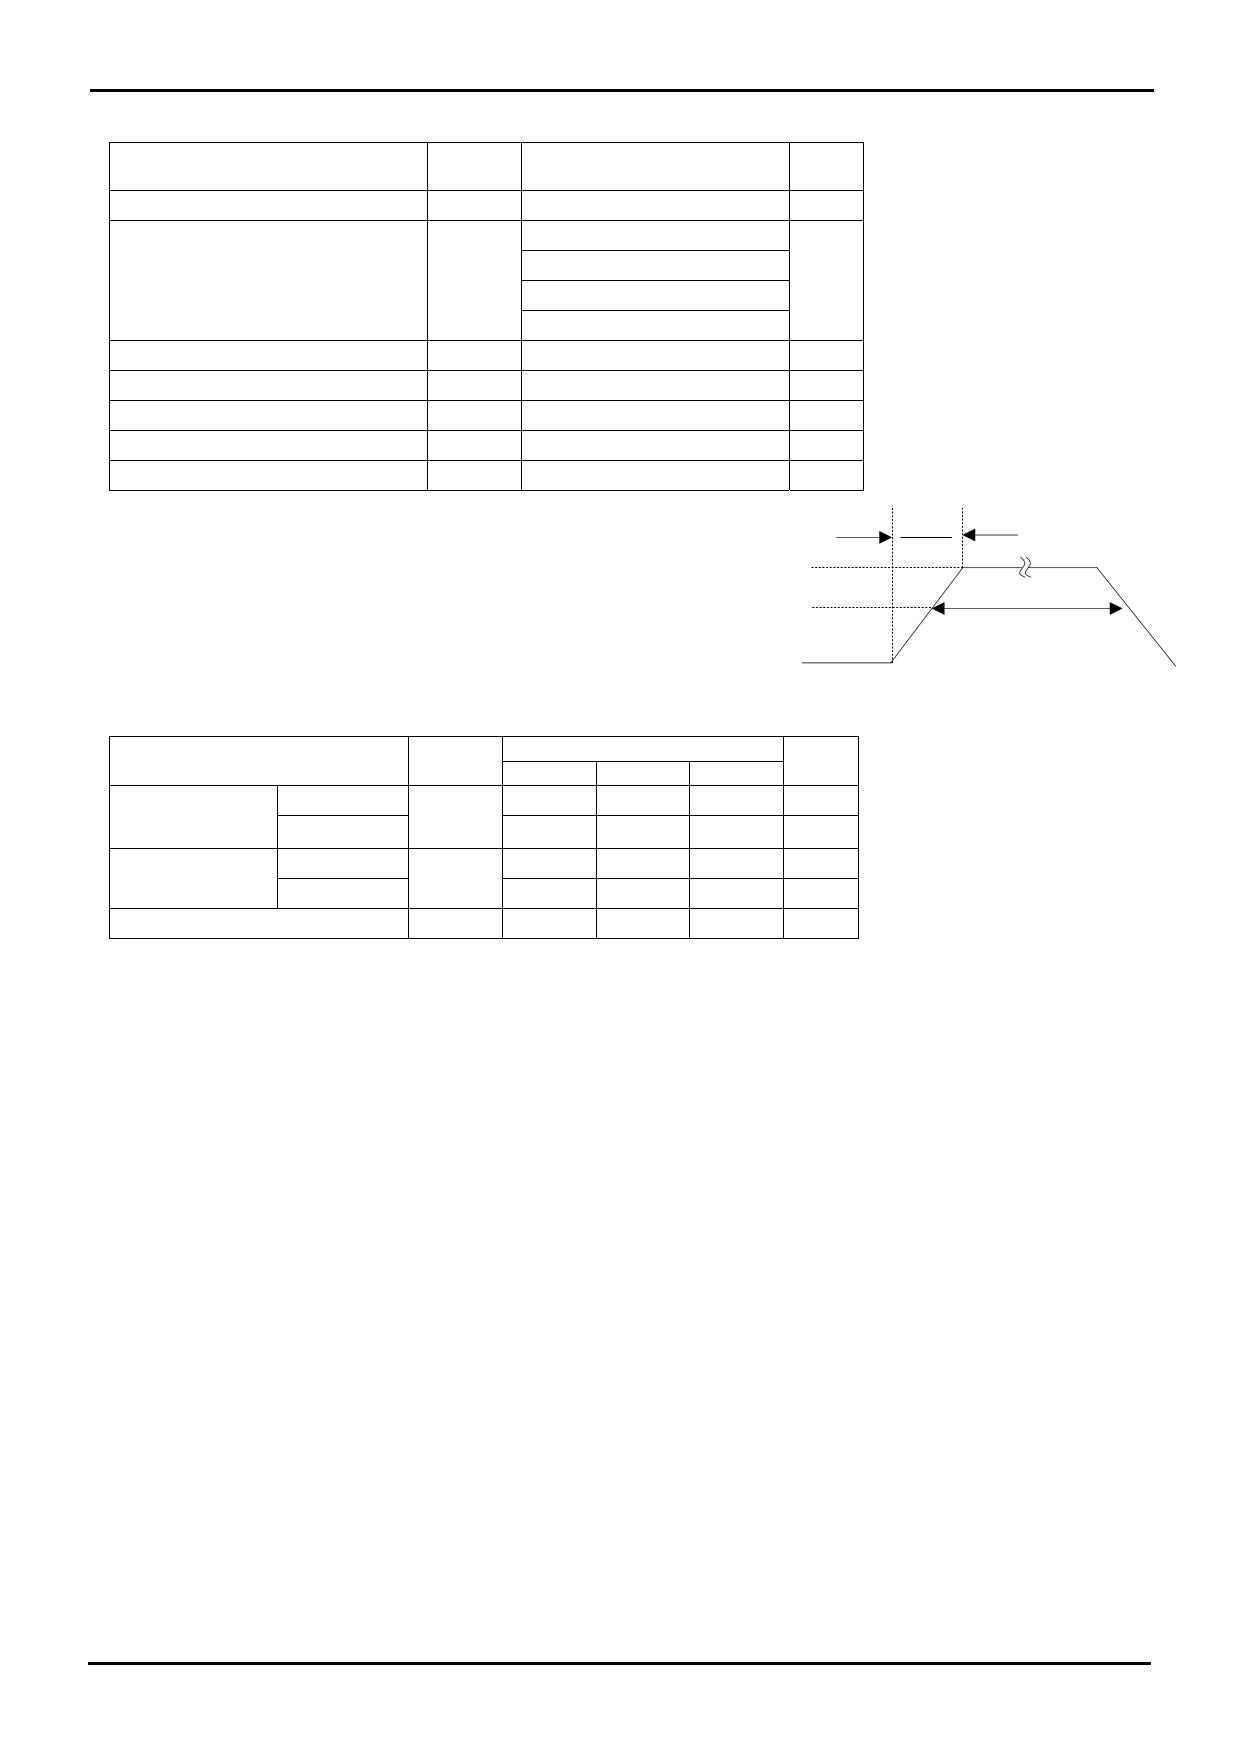 BA033CC0FP-E2 pdf